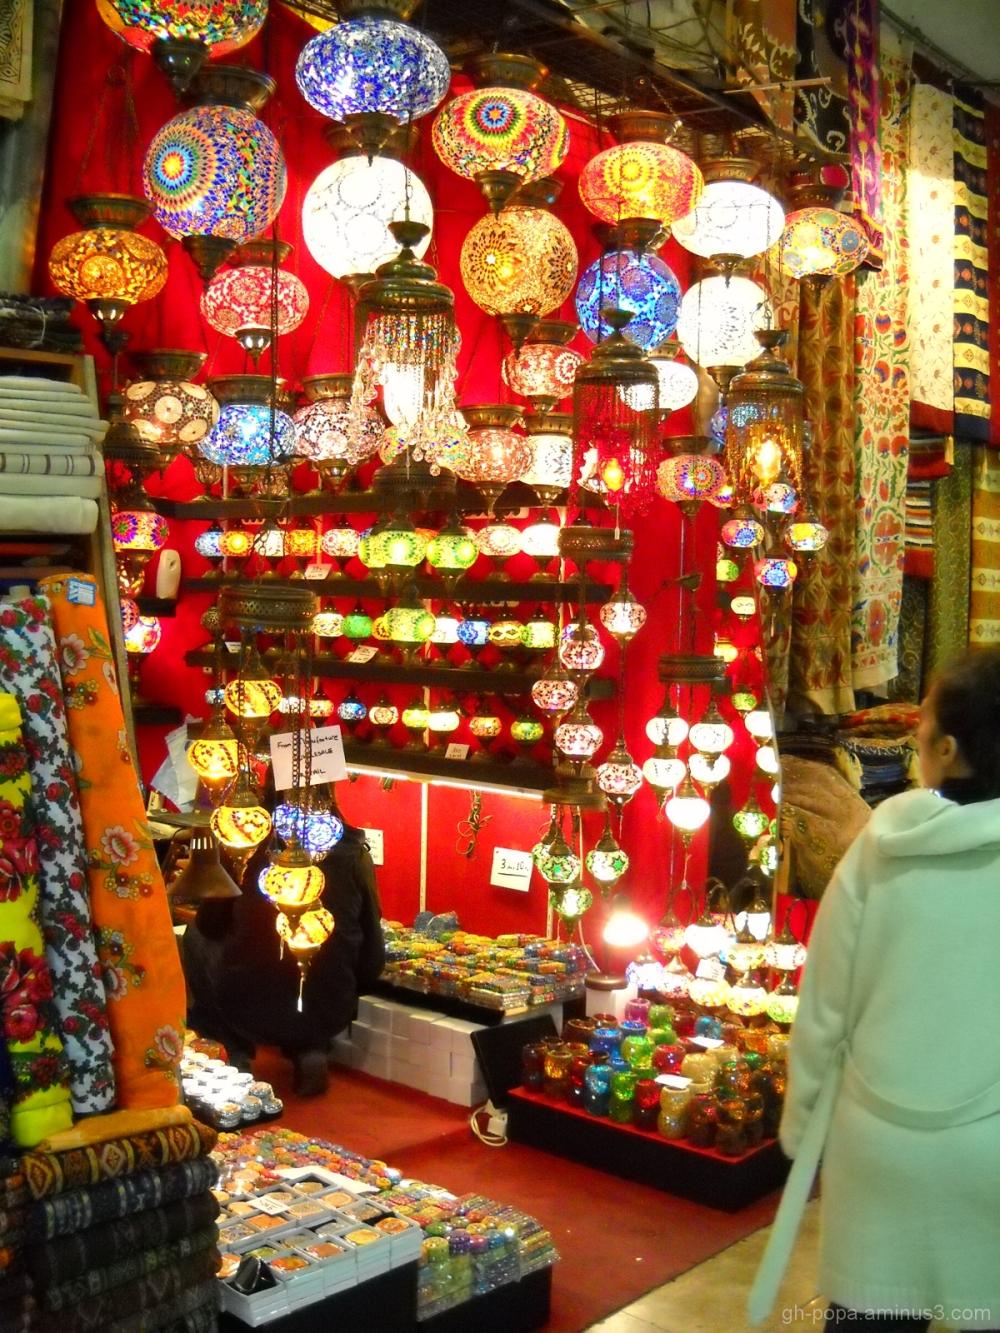 Big bazaar #2